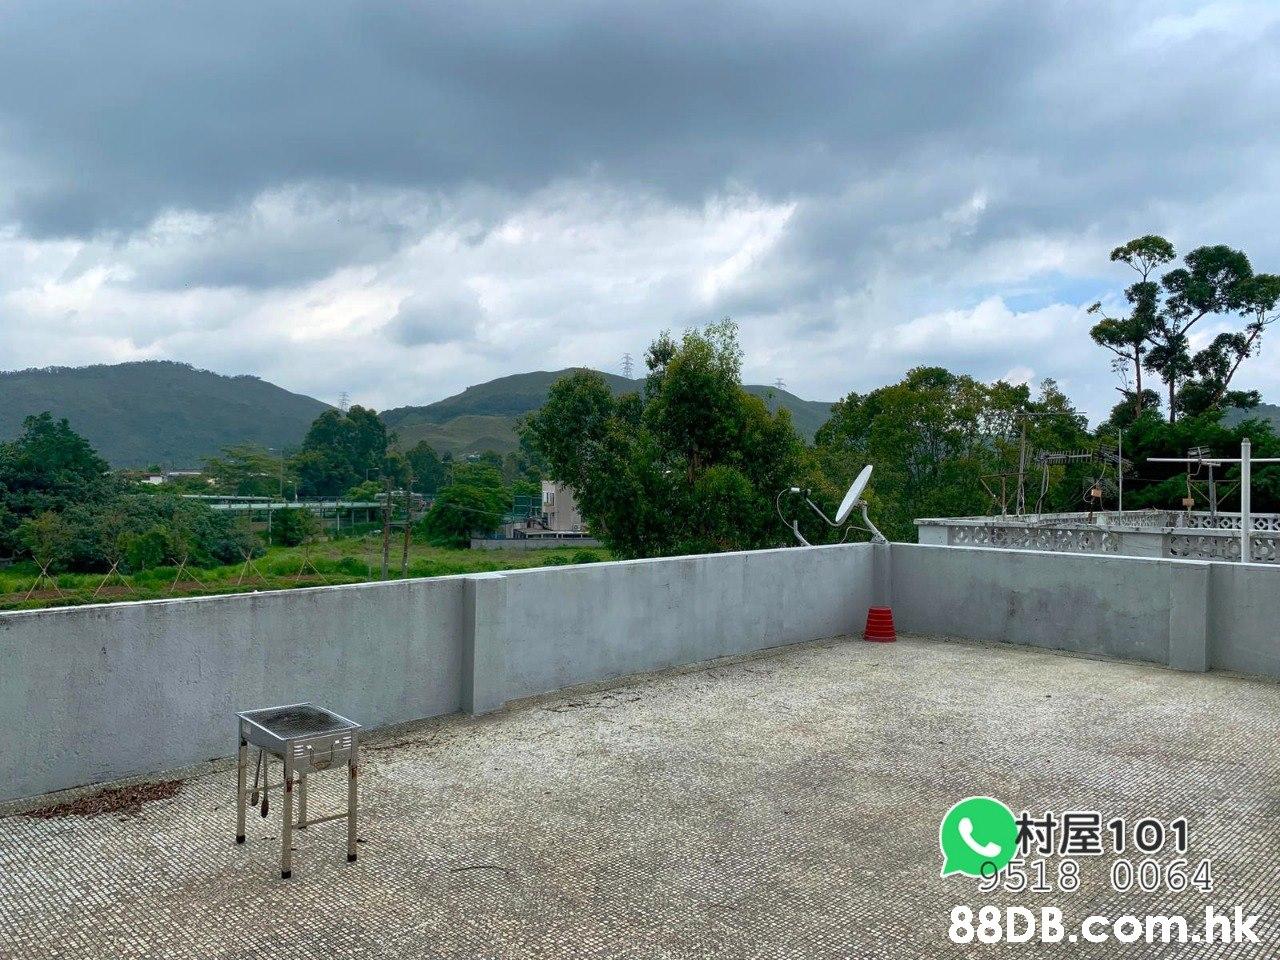 101 9518 0064 .hk  Property,Hill station,Land lot,Mountain,Sky